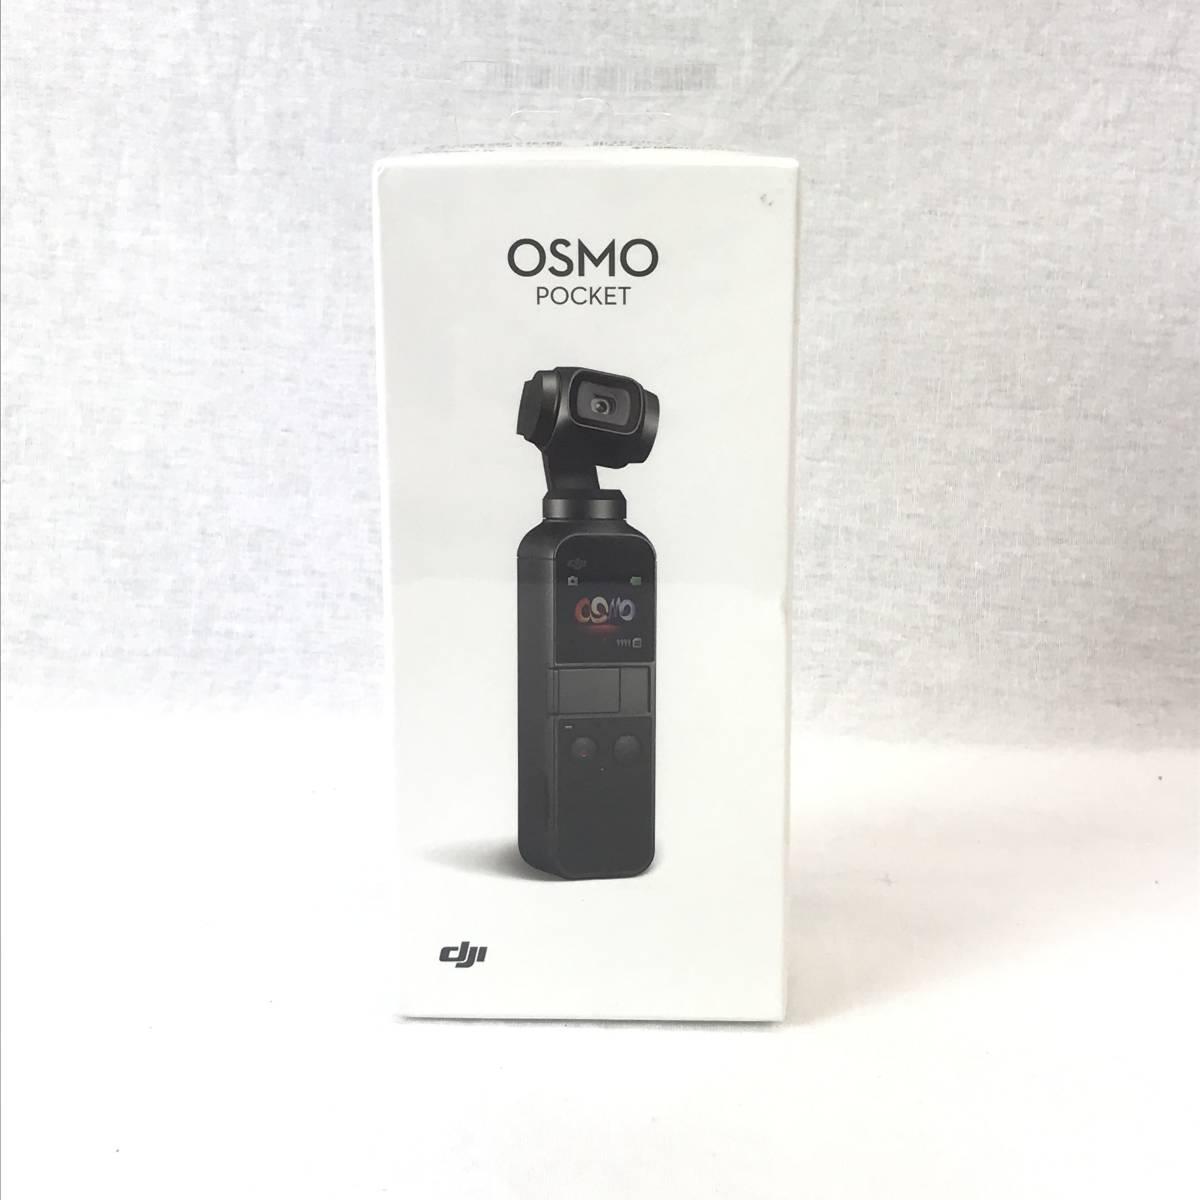 即決価格!『未使用未開封品』DJI ポケット型カメラ OSMO POCKET OT110